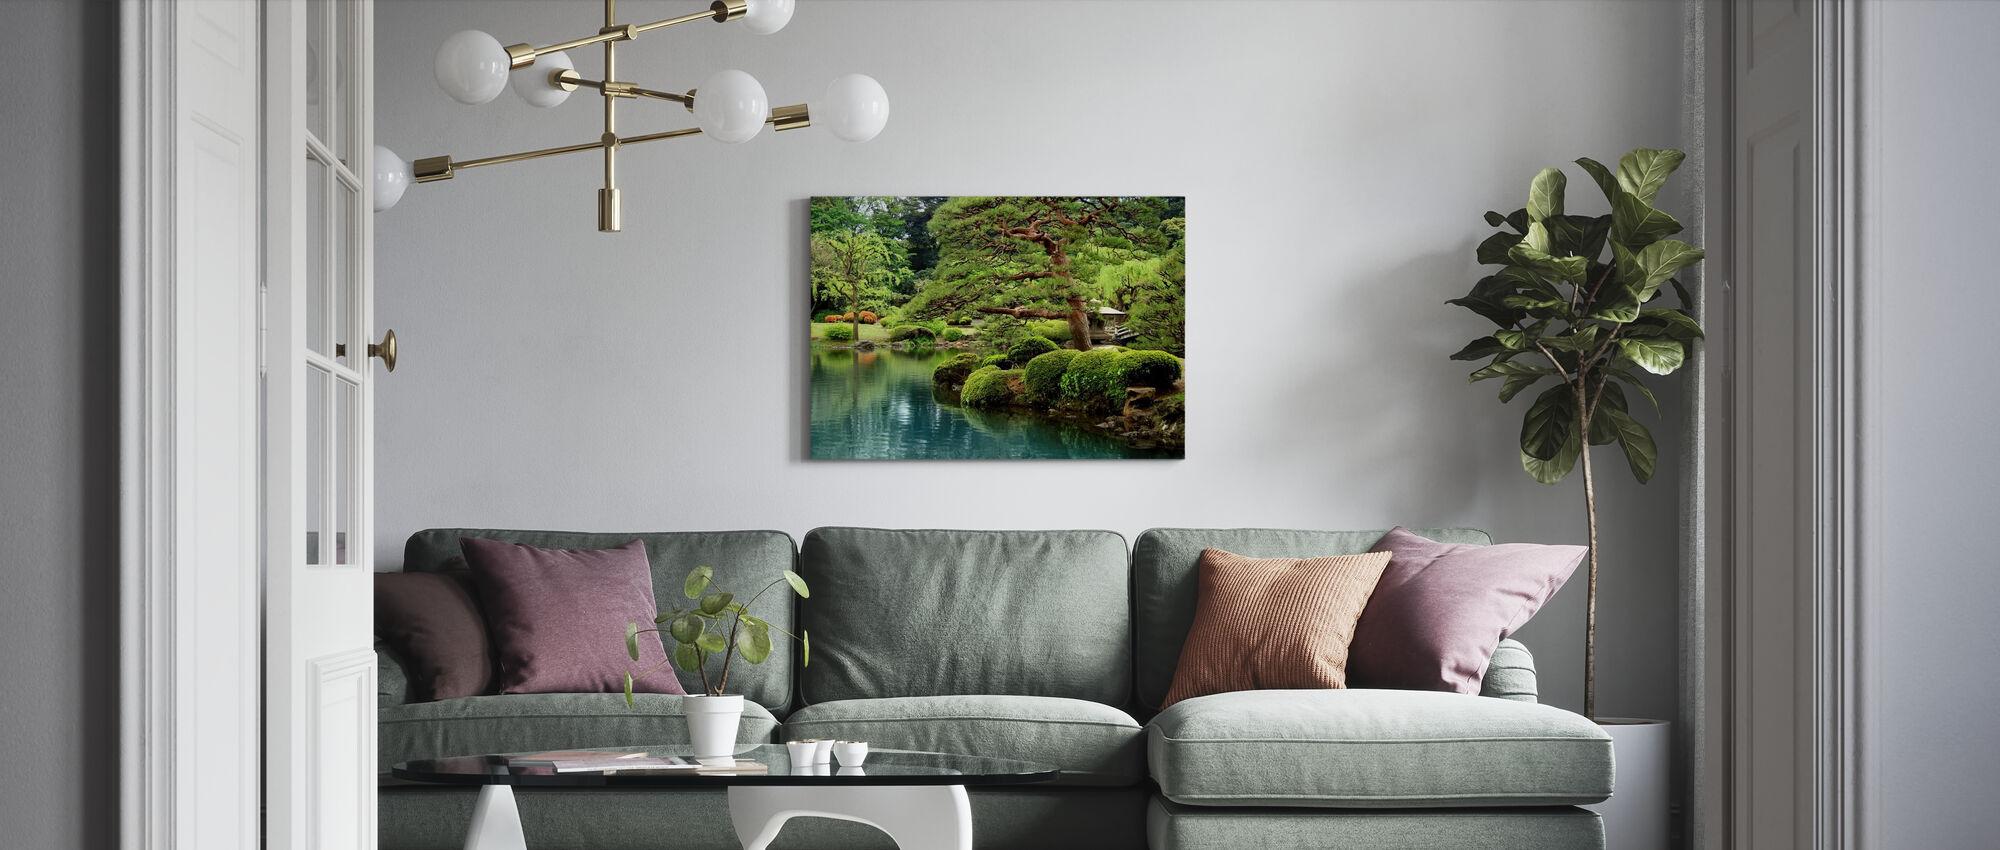 Lugn Zen Lake och Bonsai träd i Tokyo Garden - Canvastavla - Vardagsrum